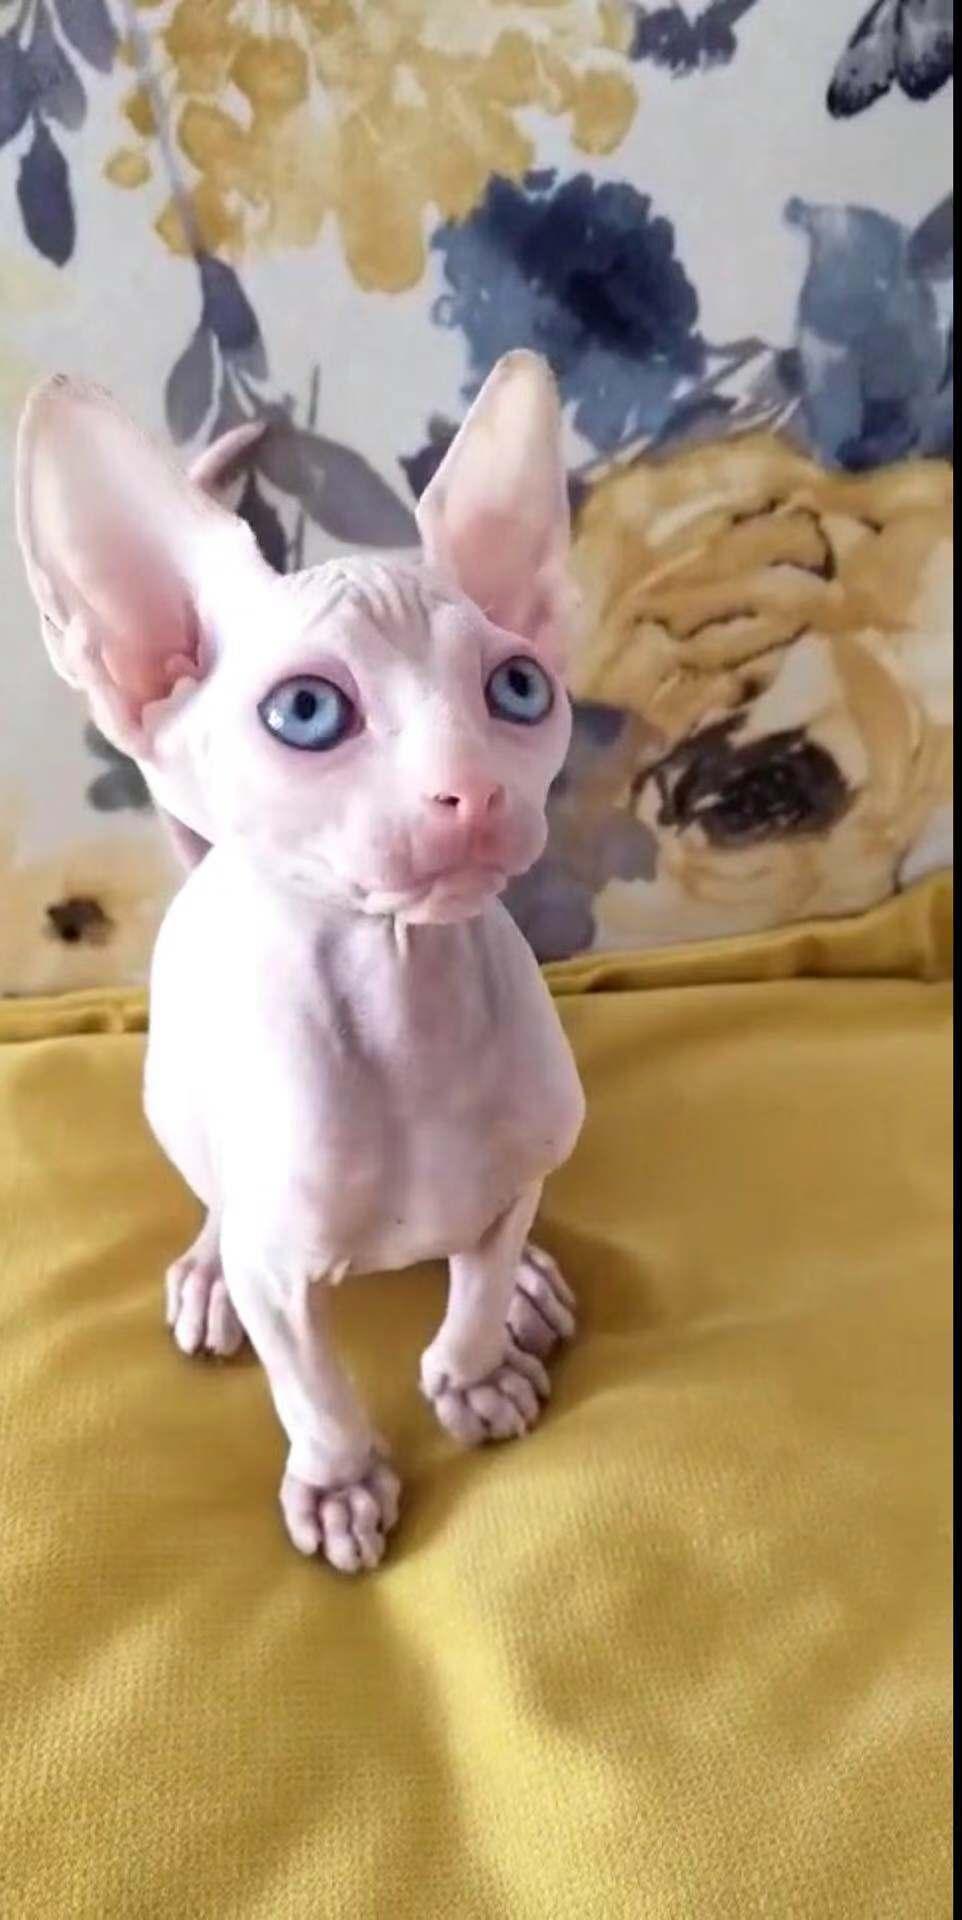 斯芬克斯无毛猫白皮长相甜美包健康